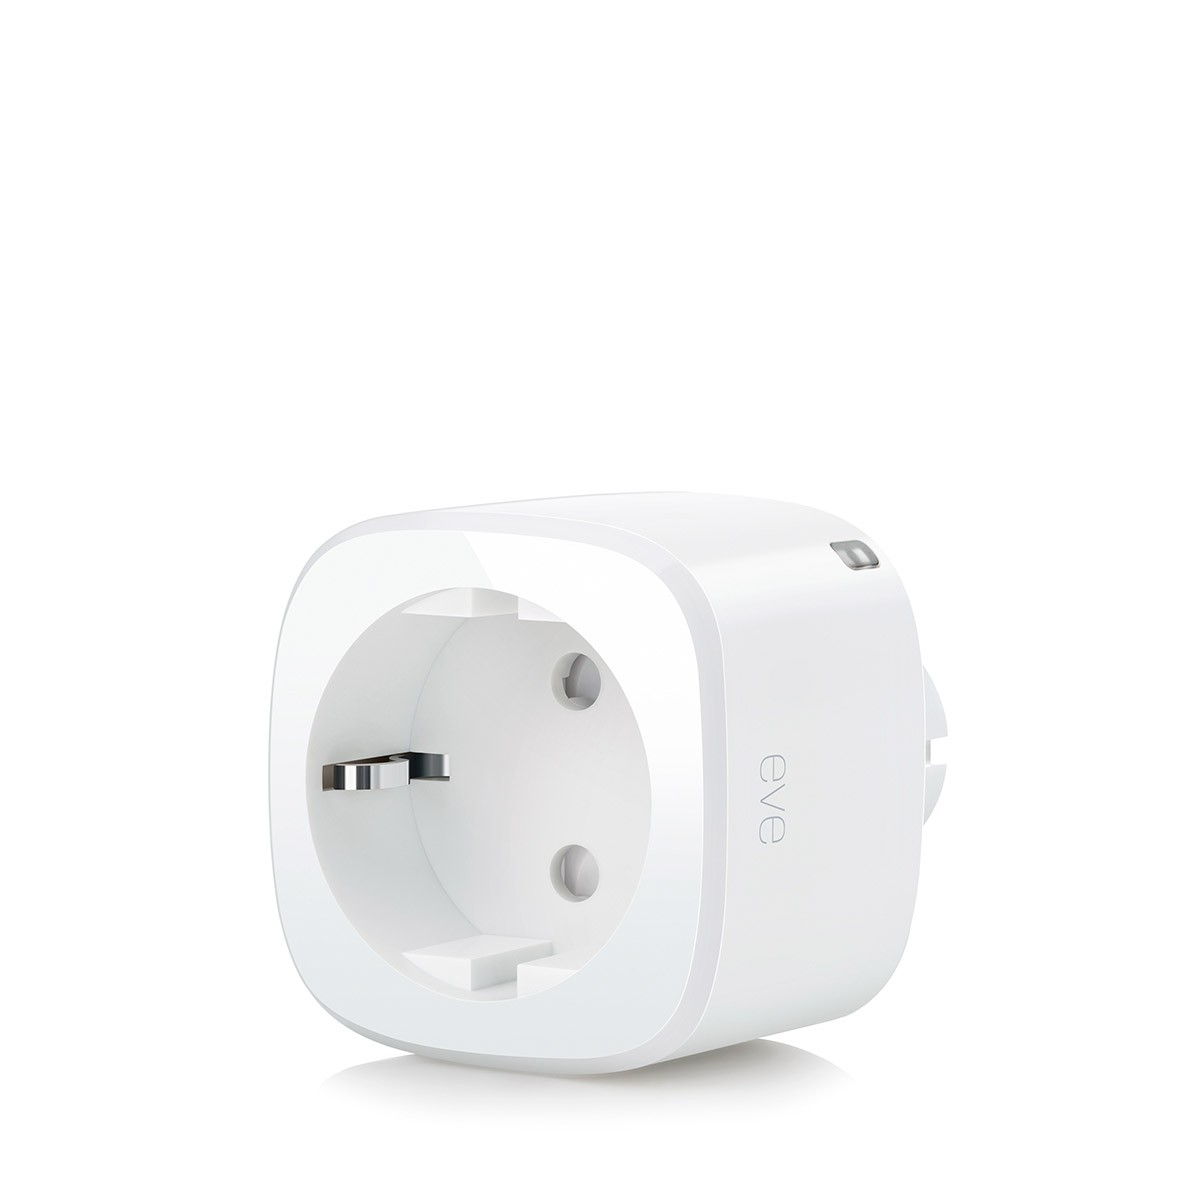 Elgato Eve Energy (Switch & Power Meter)